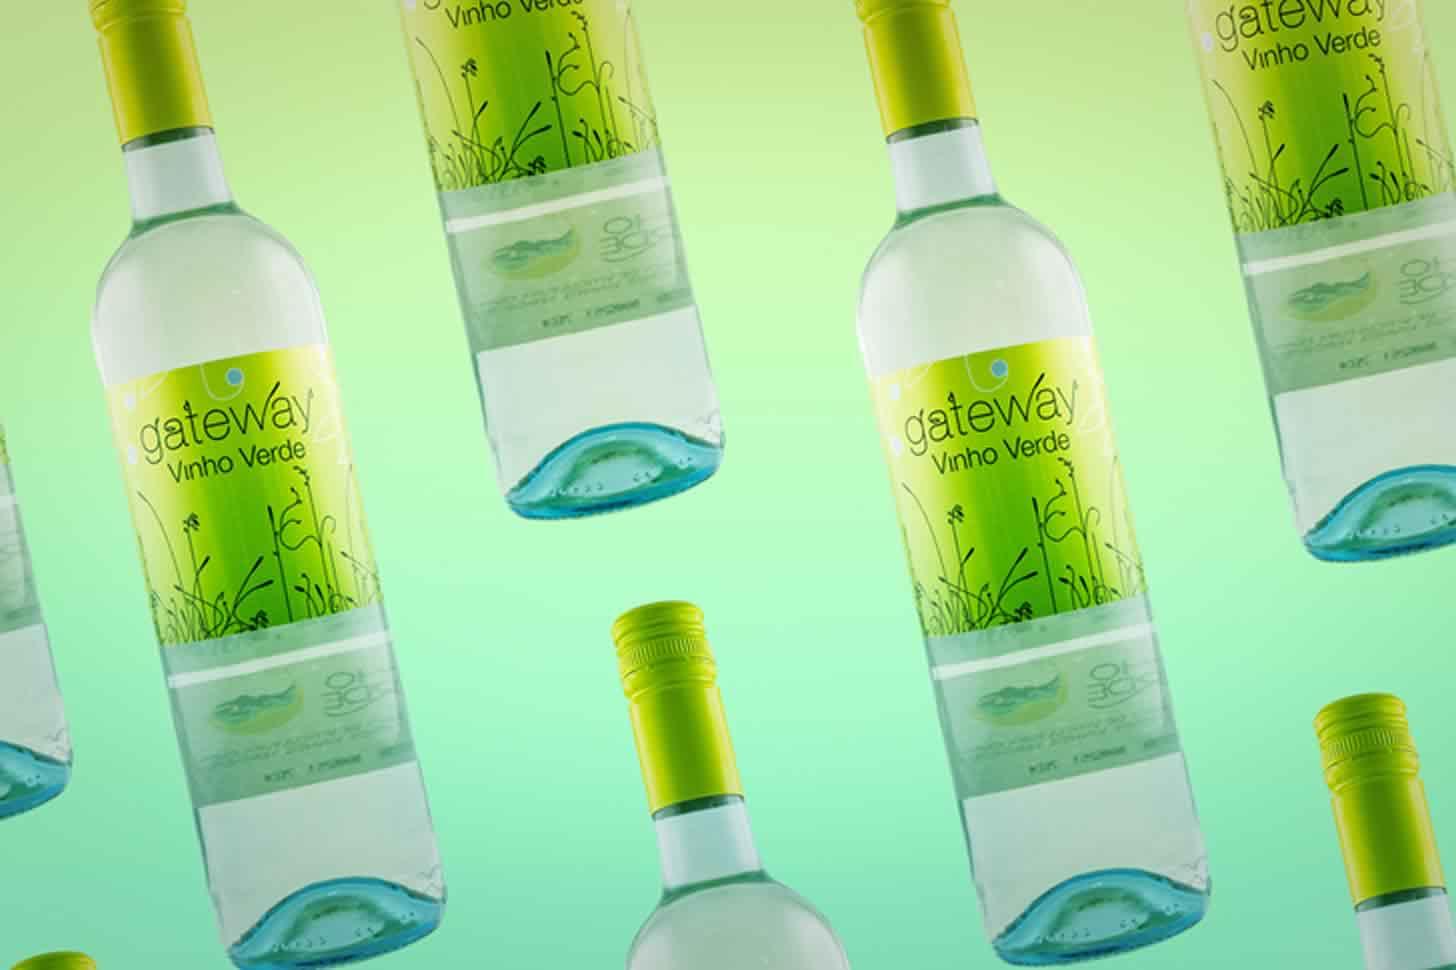 Обзор марок и видов португальских вин